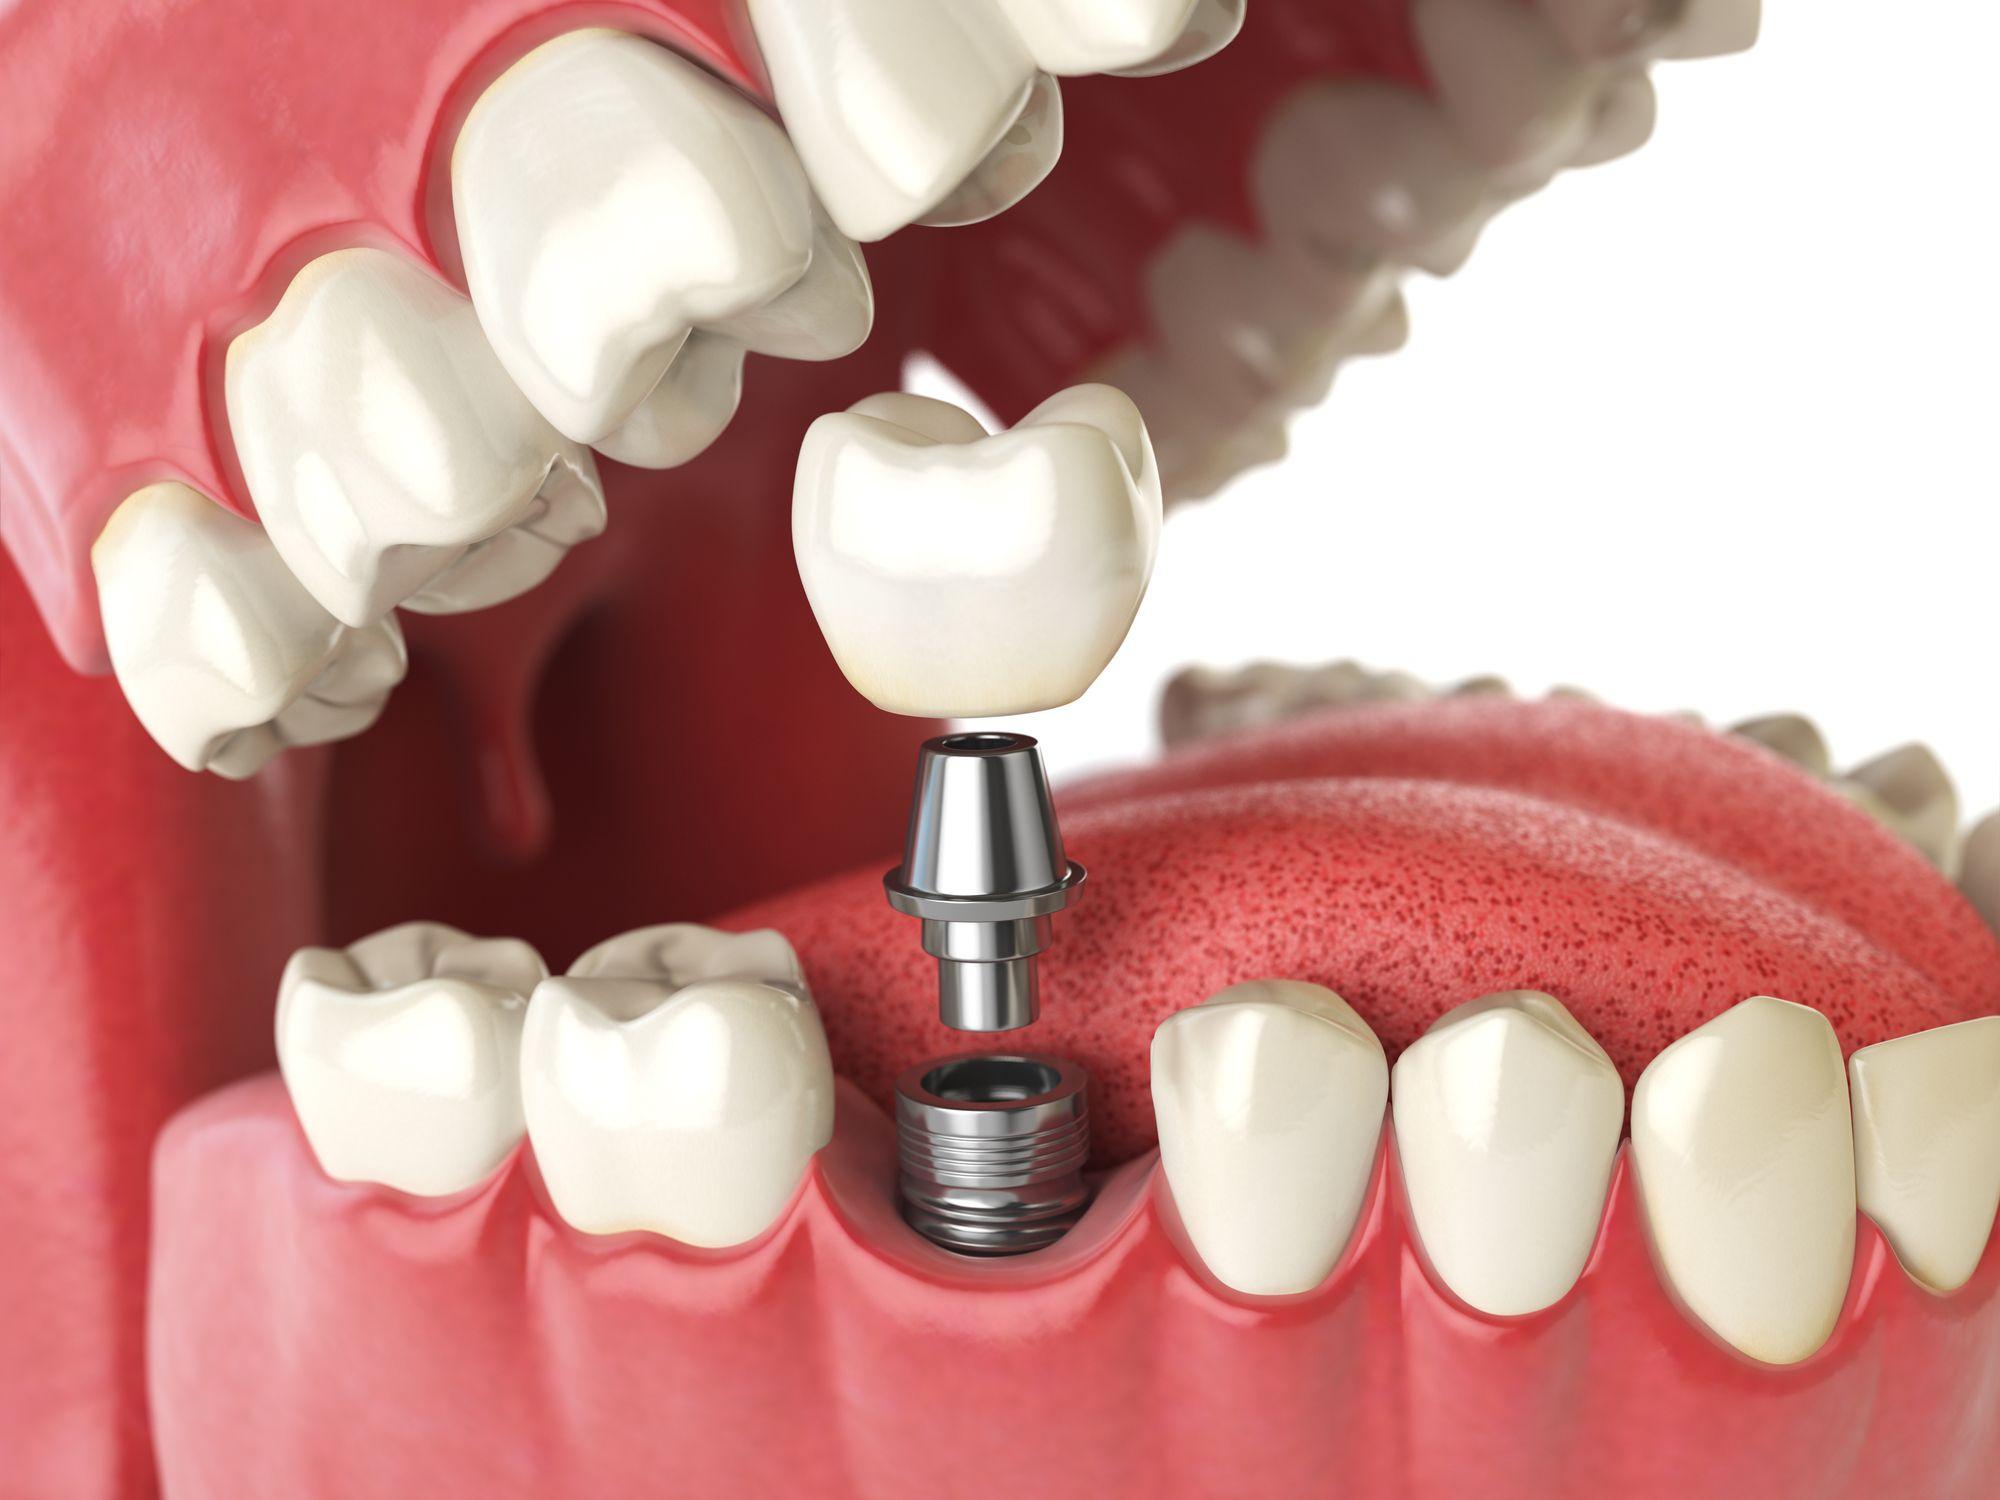 implantes dentales en san pedro garza garcía